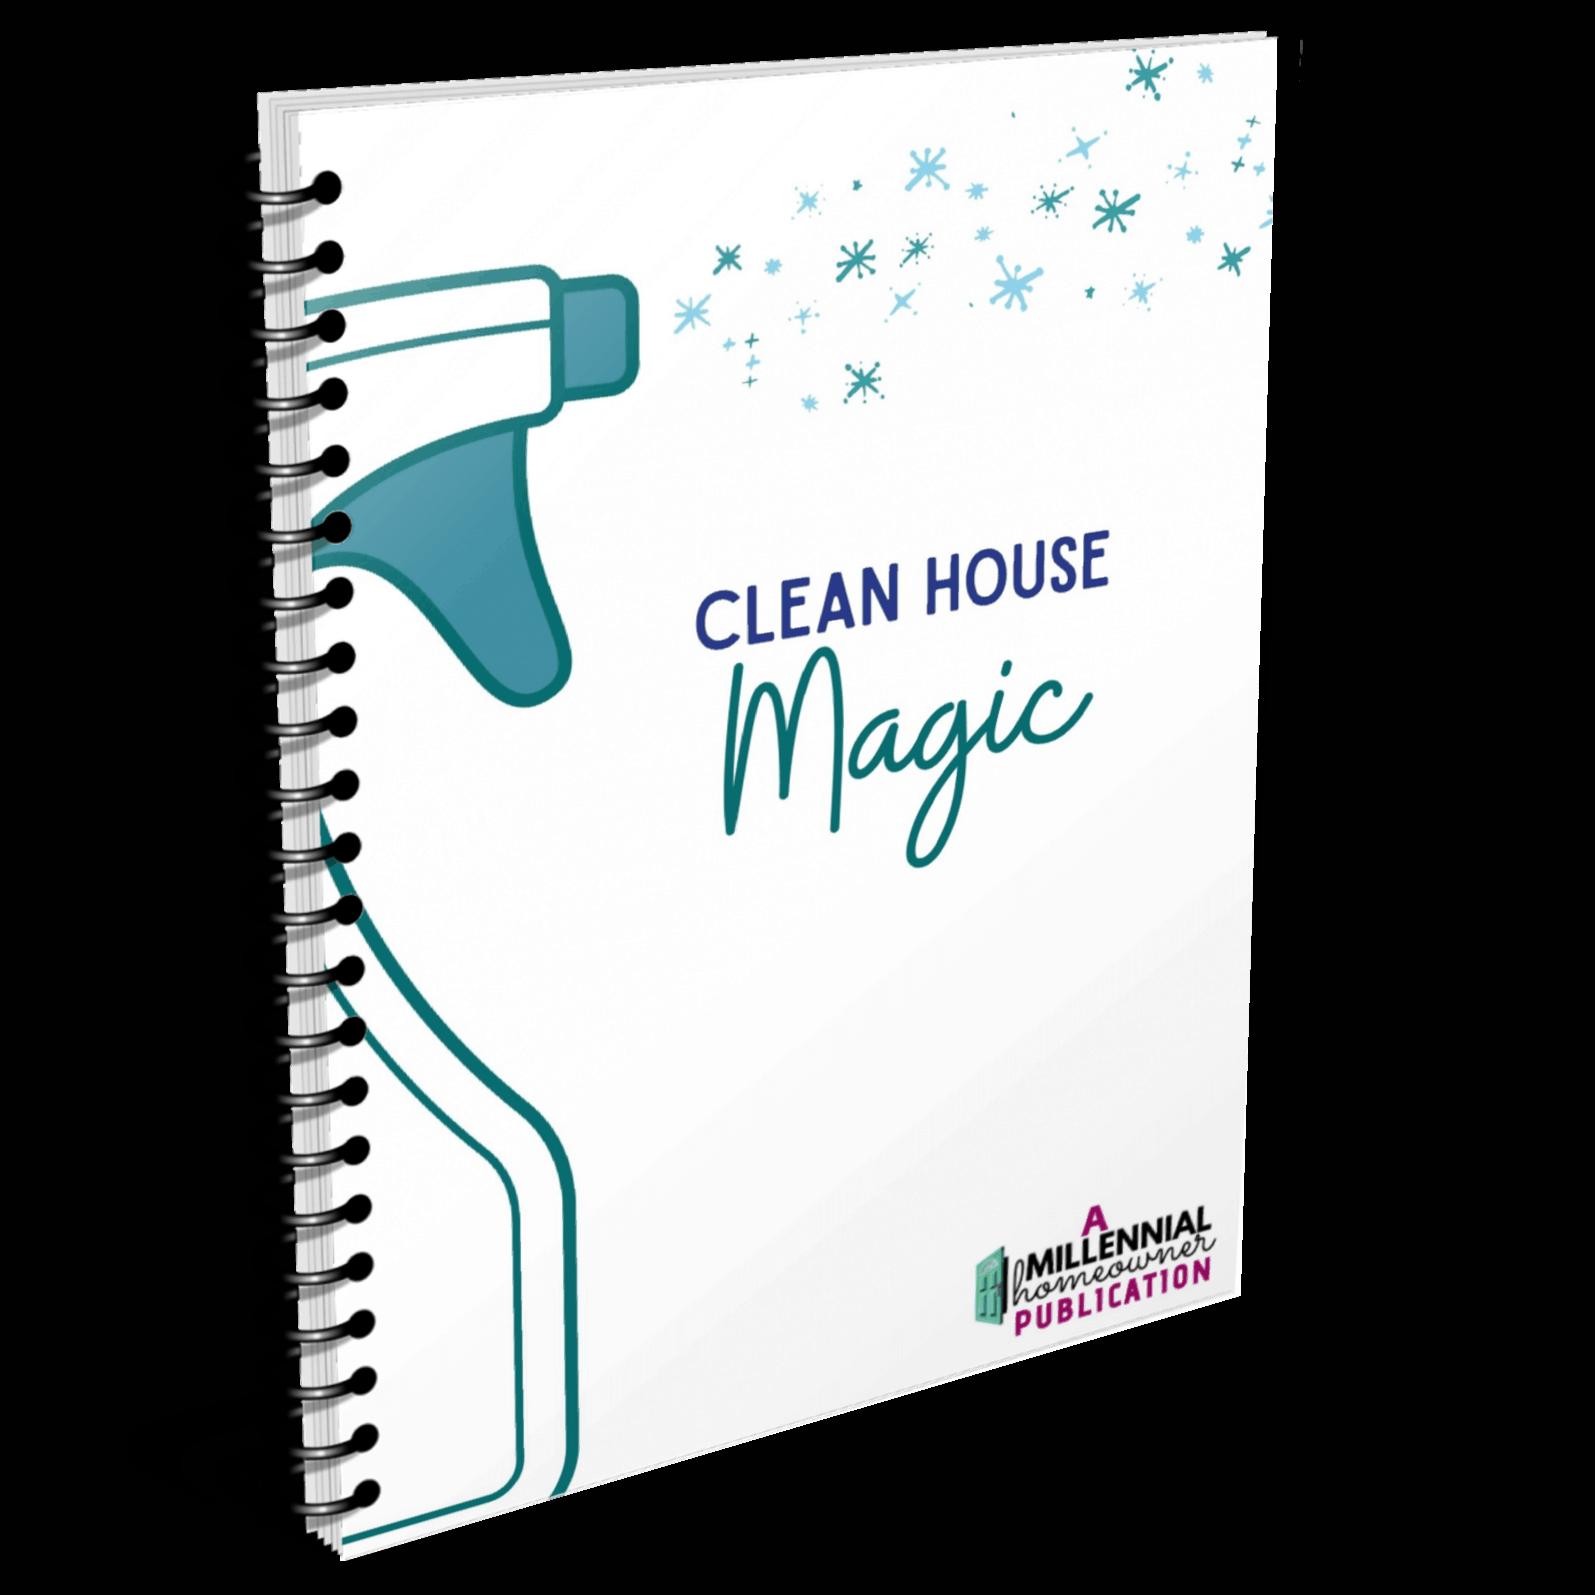 Clean house magic